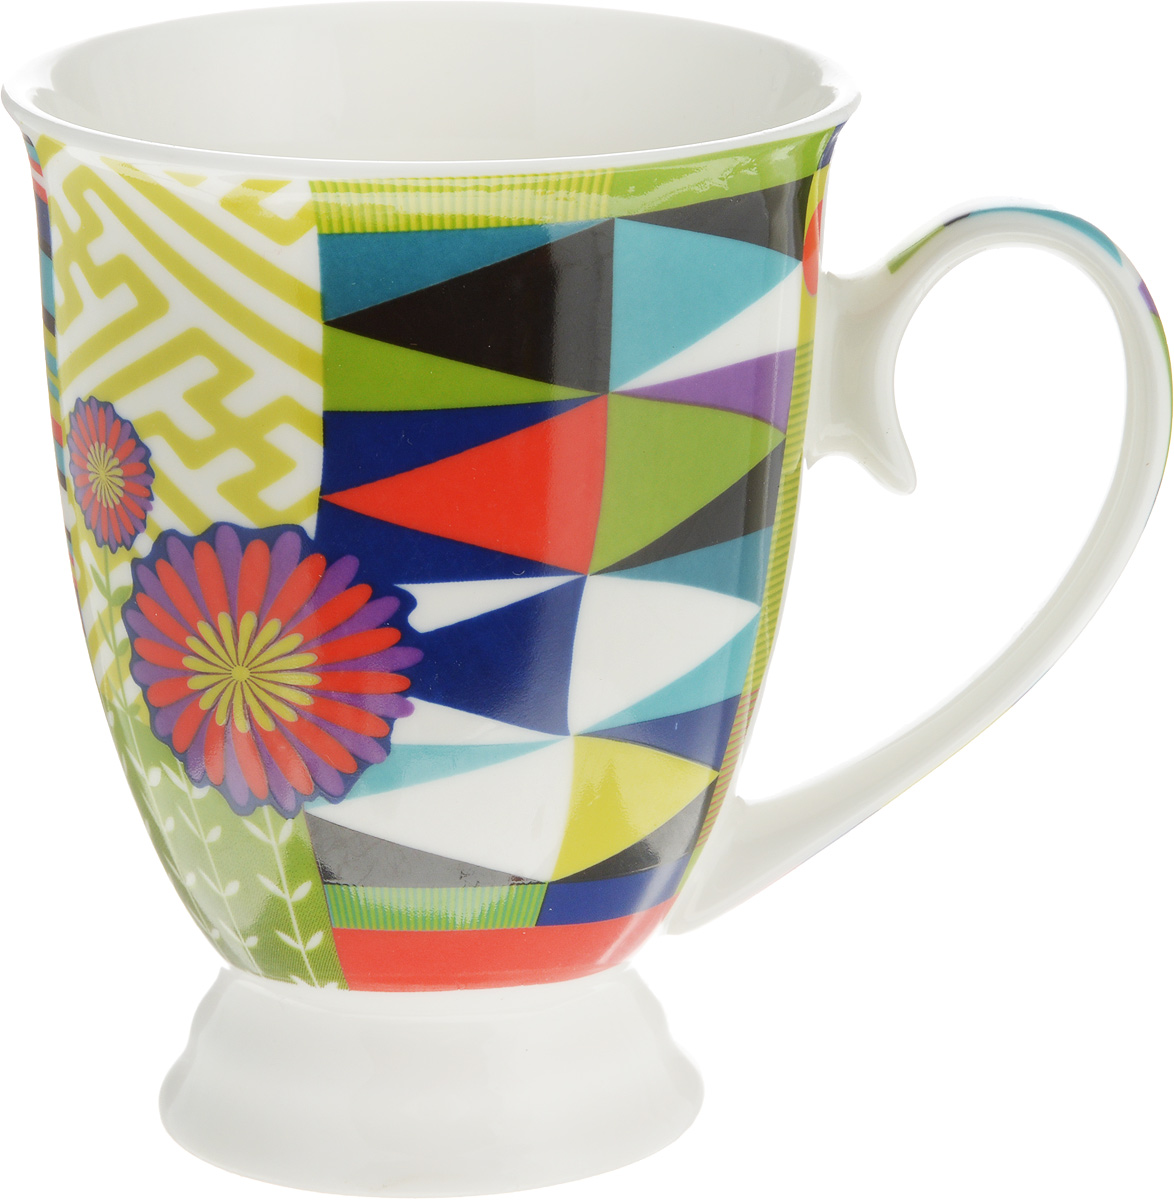 Кружка Lillo Цветочно-ягодный микс, цвет: бирюзовый, зеленый, красный, 250 мл115510Кружка Lillo Цветочно-ягодный микс выполнена из высококачественной керамики с глазурованным покрытием. С внешней стороны изделие декорировано красочным рисунком. Такая кружка станет приятным подарком и согреет вас холодными вечерами. Диаметр (по верхнему краю): 8 см.Высота кружки: 10,5 см.